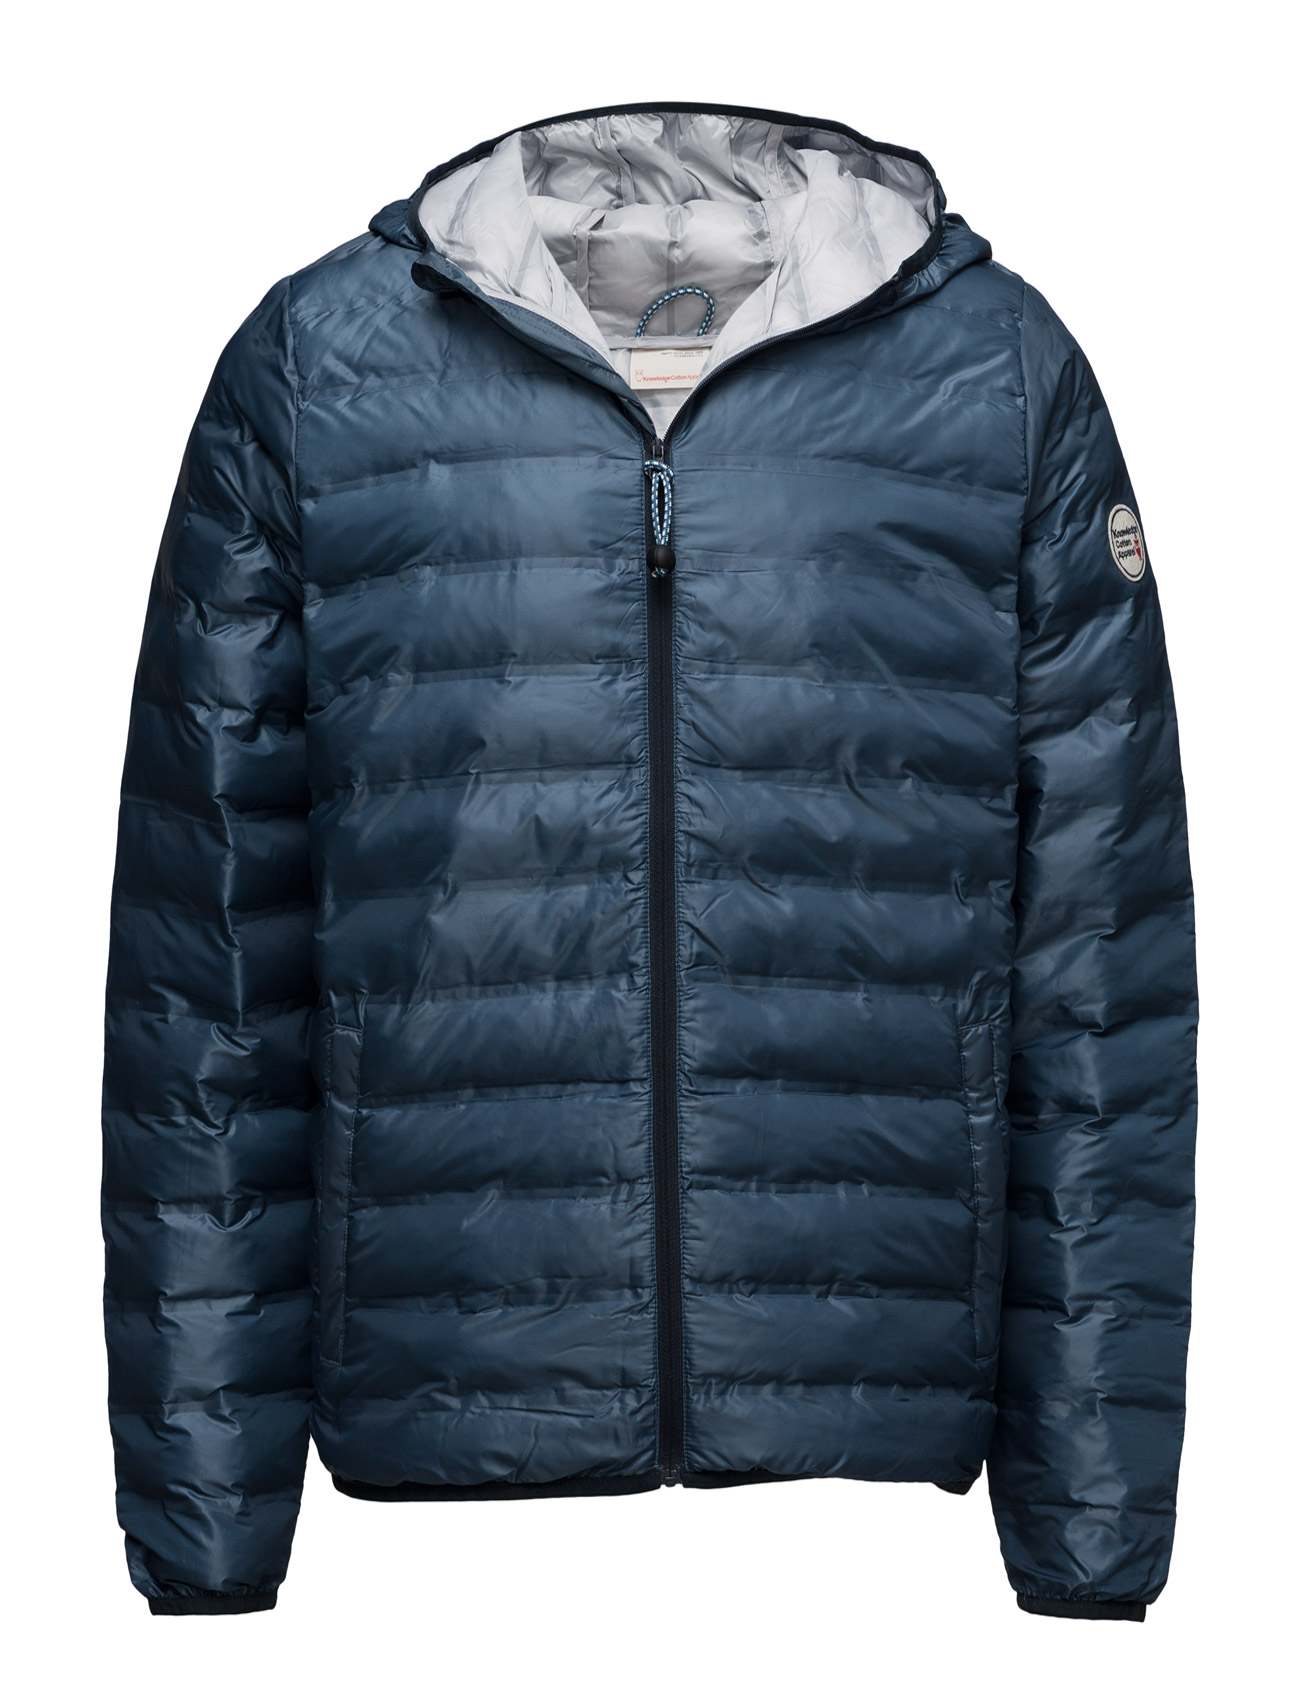 Polyester Jacket W/Polyester Fillin Knowledge Cotton Apparel Jakker til Herrer i Total Eclipse